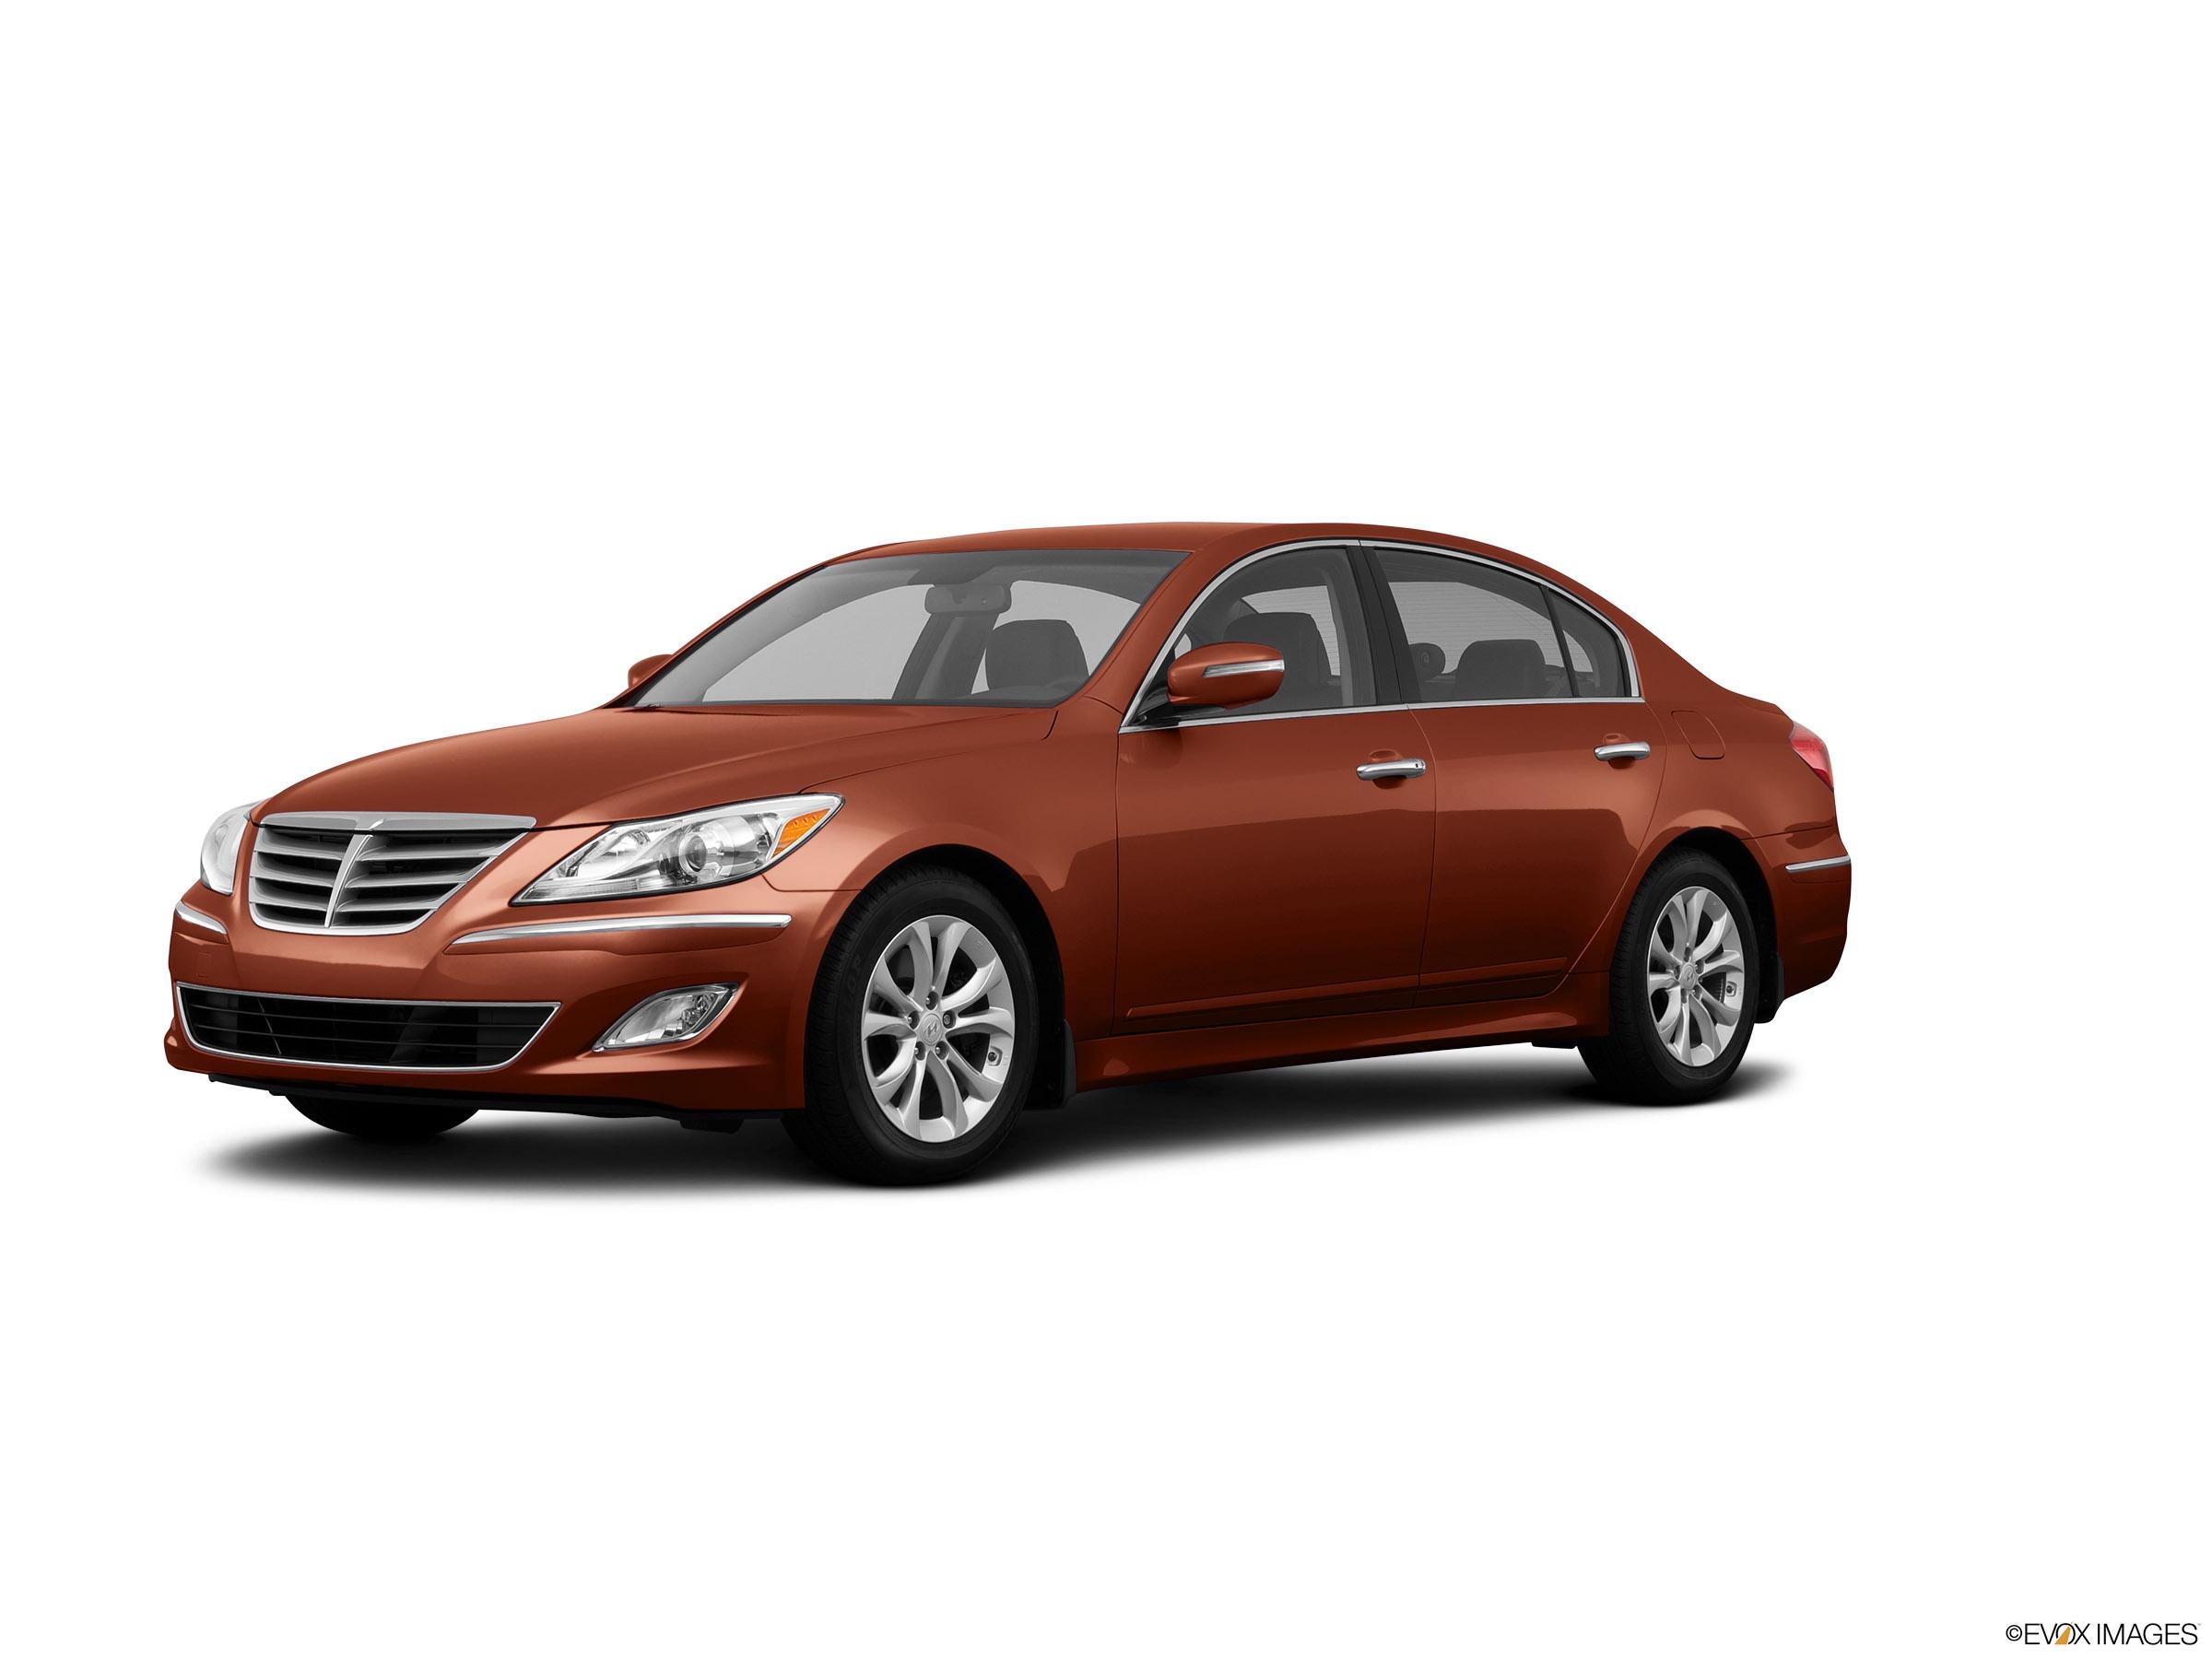 compare 2013 toyota avalon limited 4dr sedan vs 2013 acura tl 37 acura tl invoice price